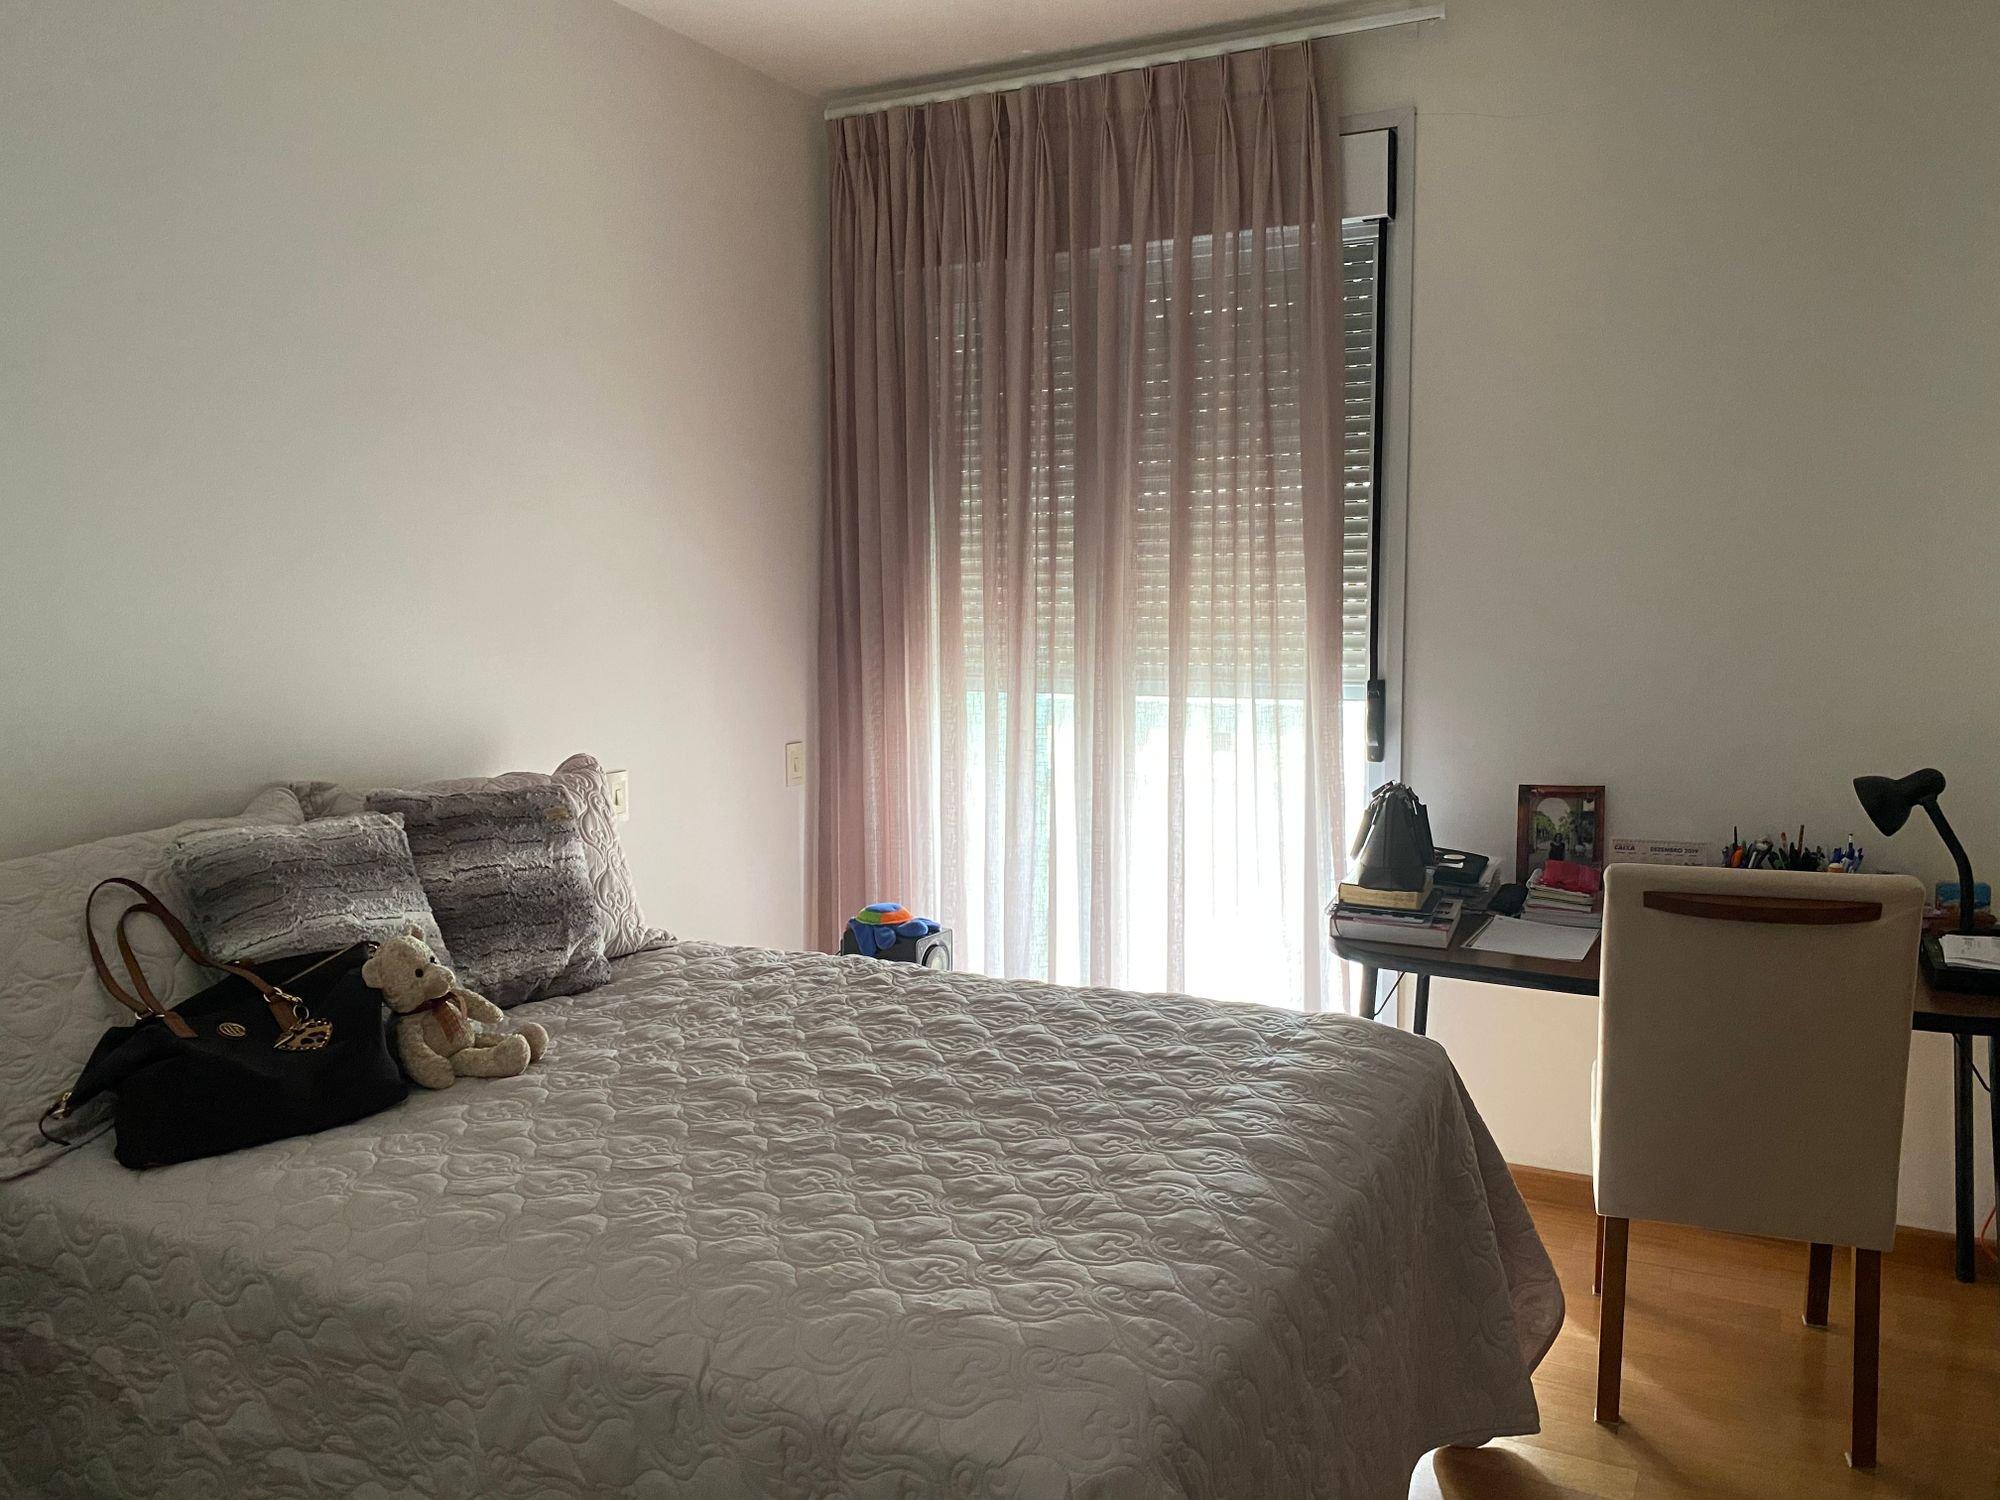 Foto de Quarto com cama, bolsa, cadeira